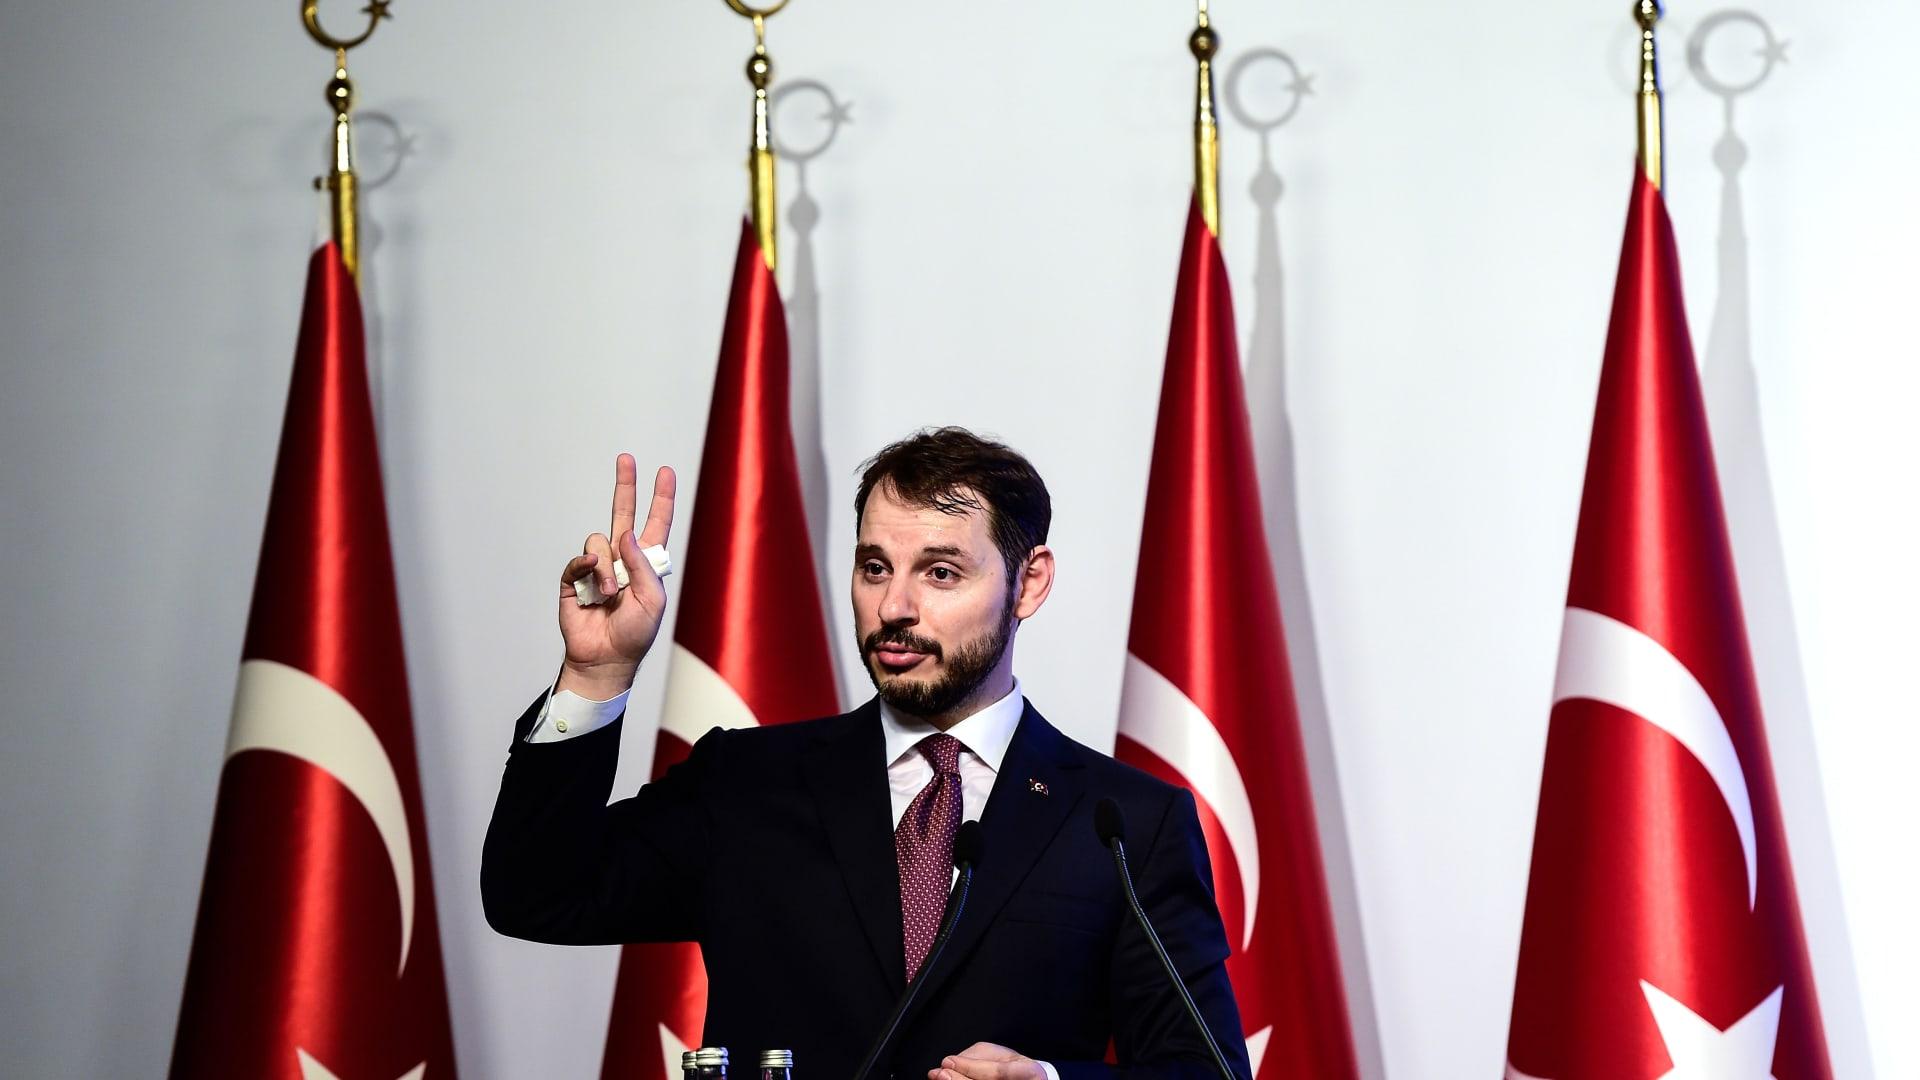 الاستثمار الأجنبي يتراجع في تركيا وقطر ومصر الأولى بأفريقيا